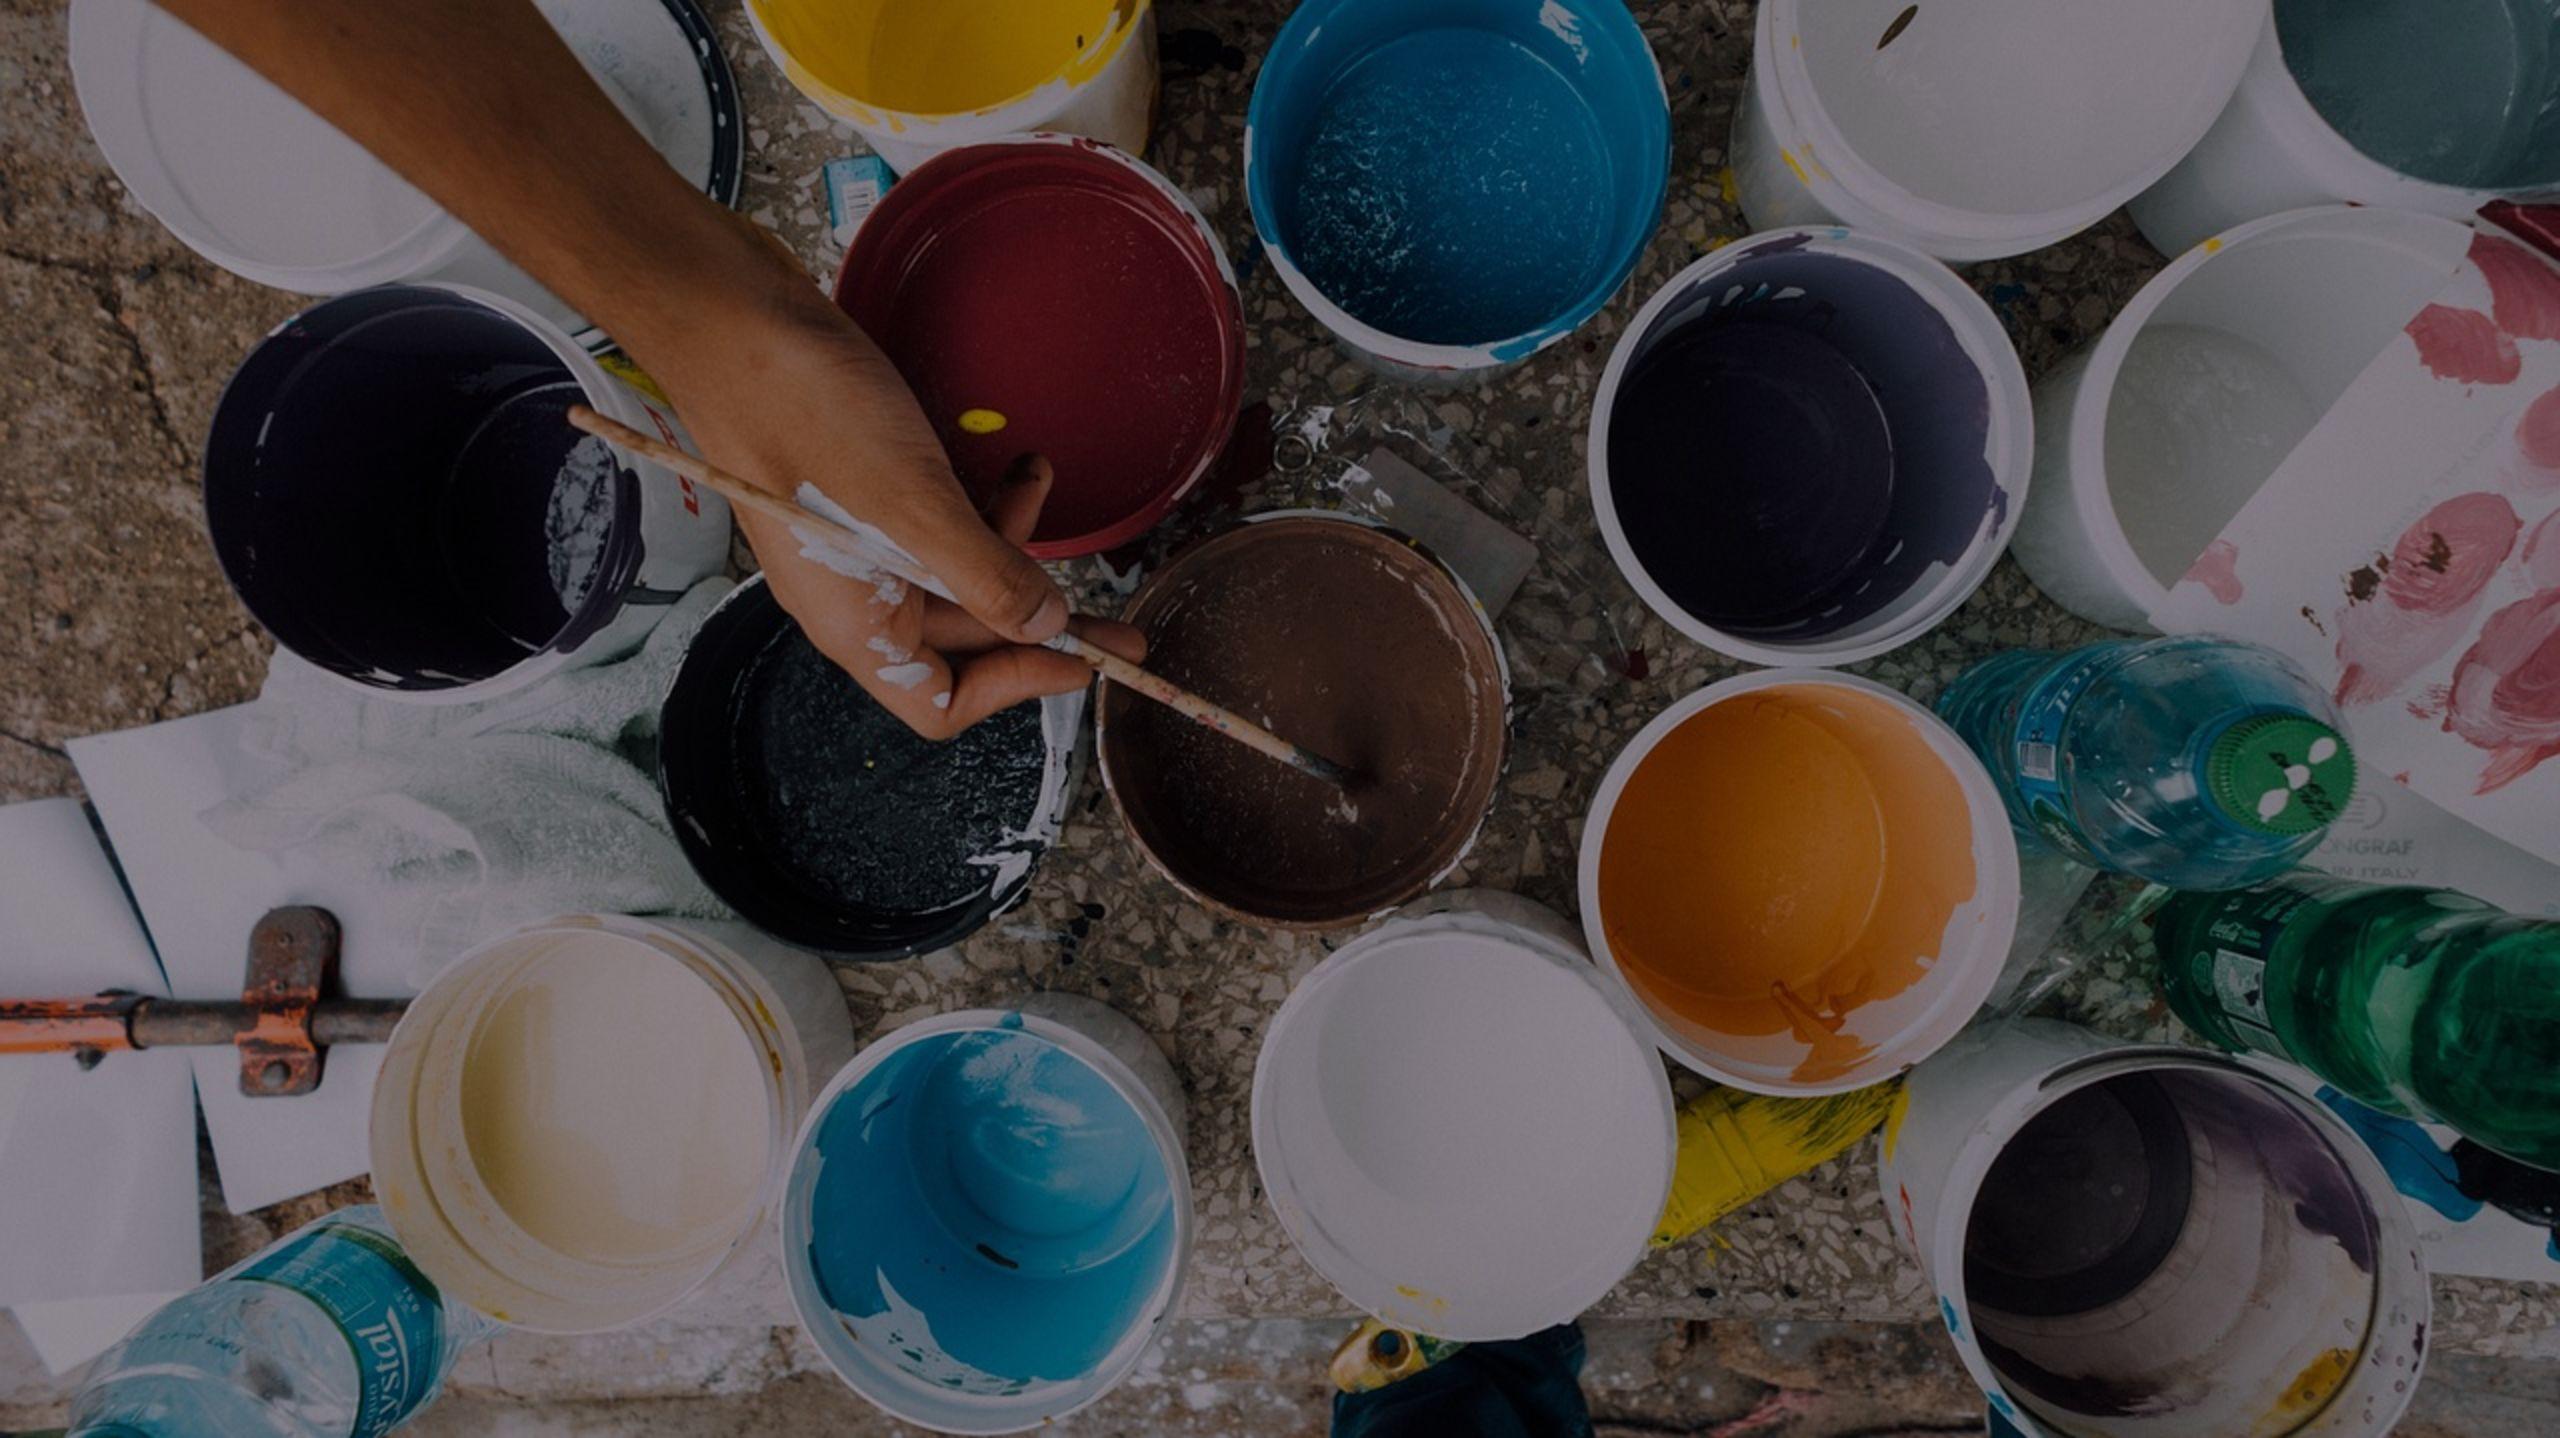 2020 Paint Color Predictions